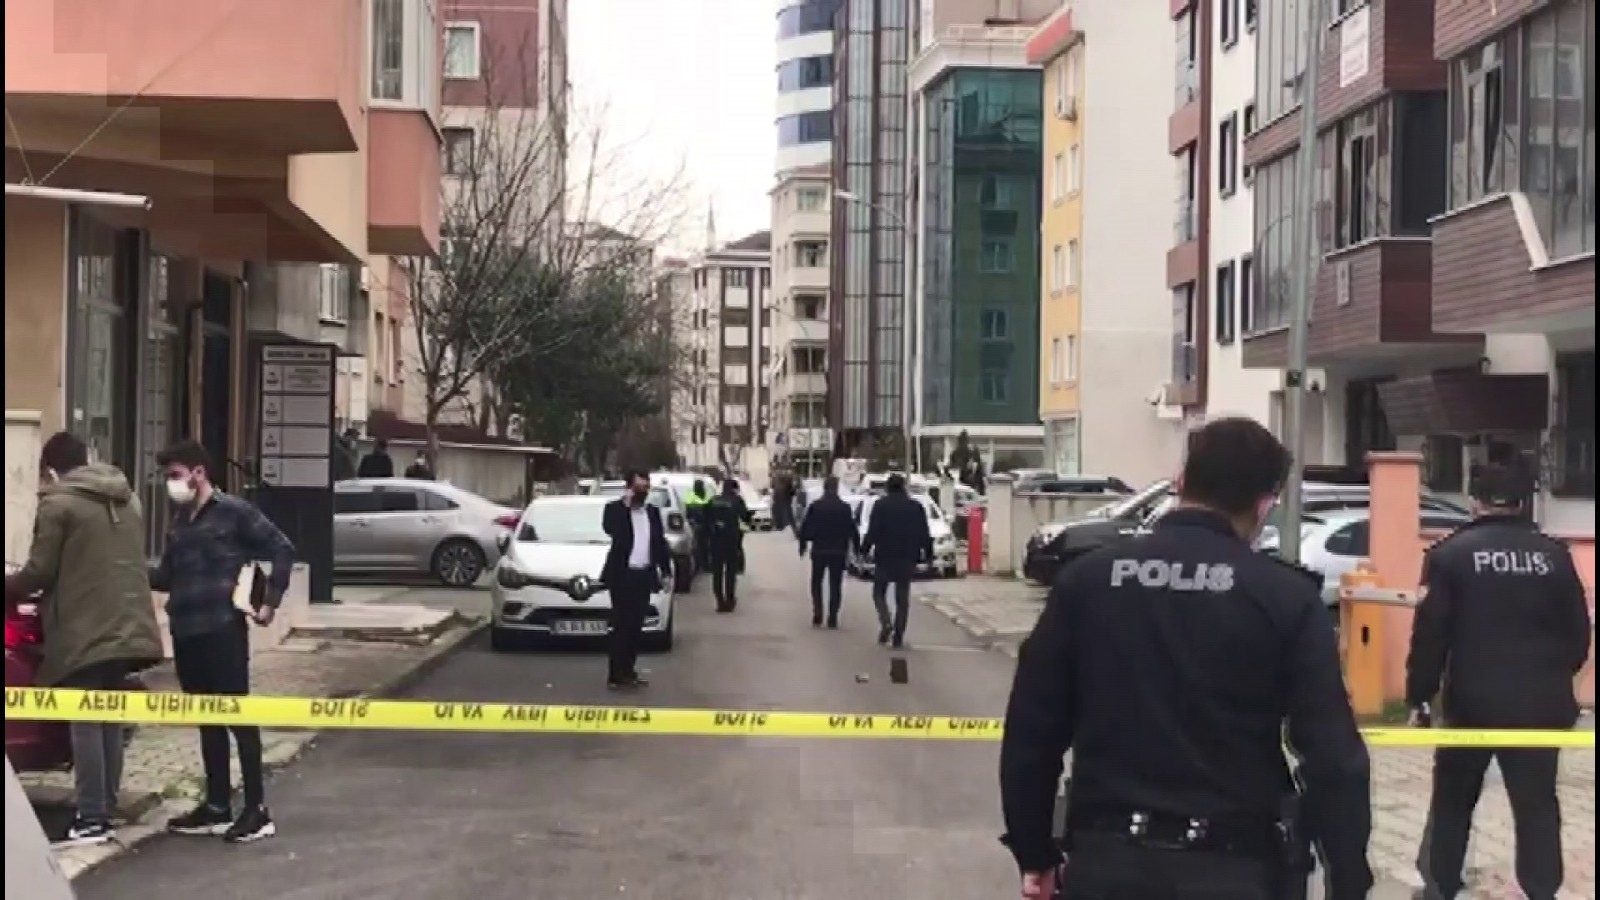 Kartal'da avukatlık bürosuna silahlı saldırı: 2 ölü 3 yaralı - İstanbul  Haberleri